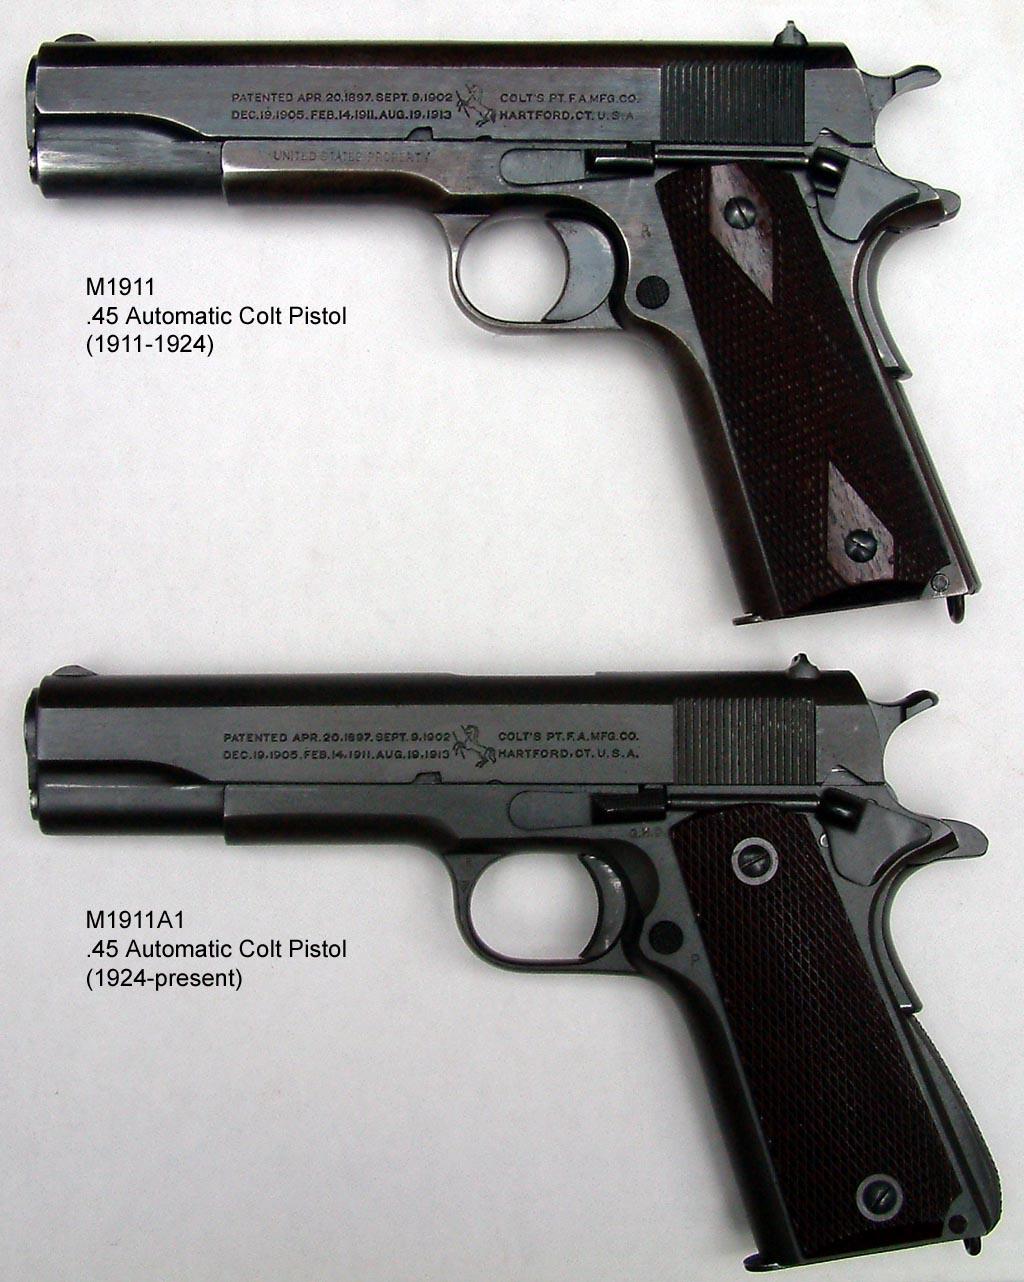 Colt 1911 Comparison